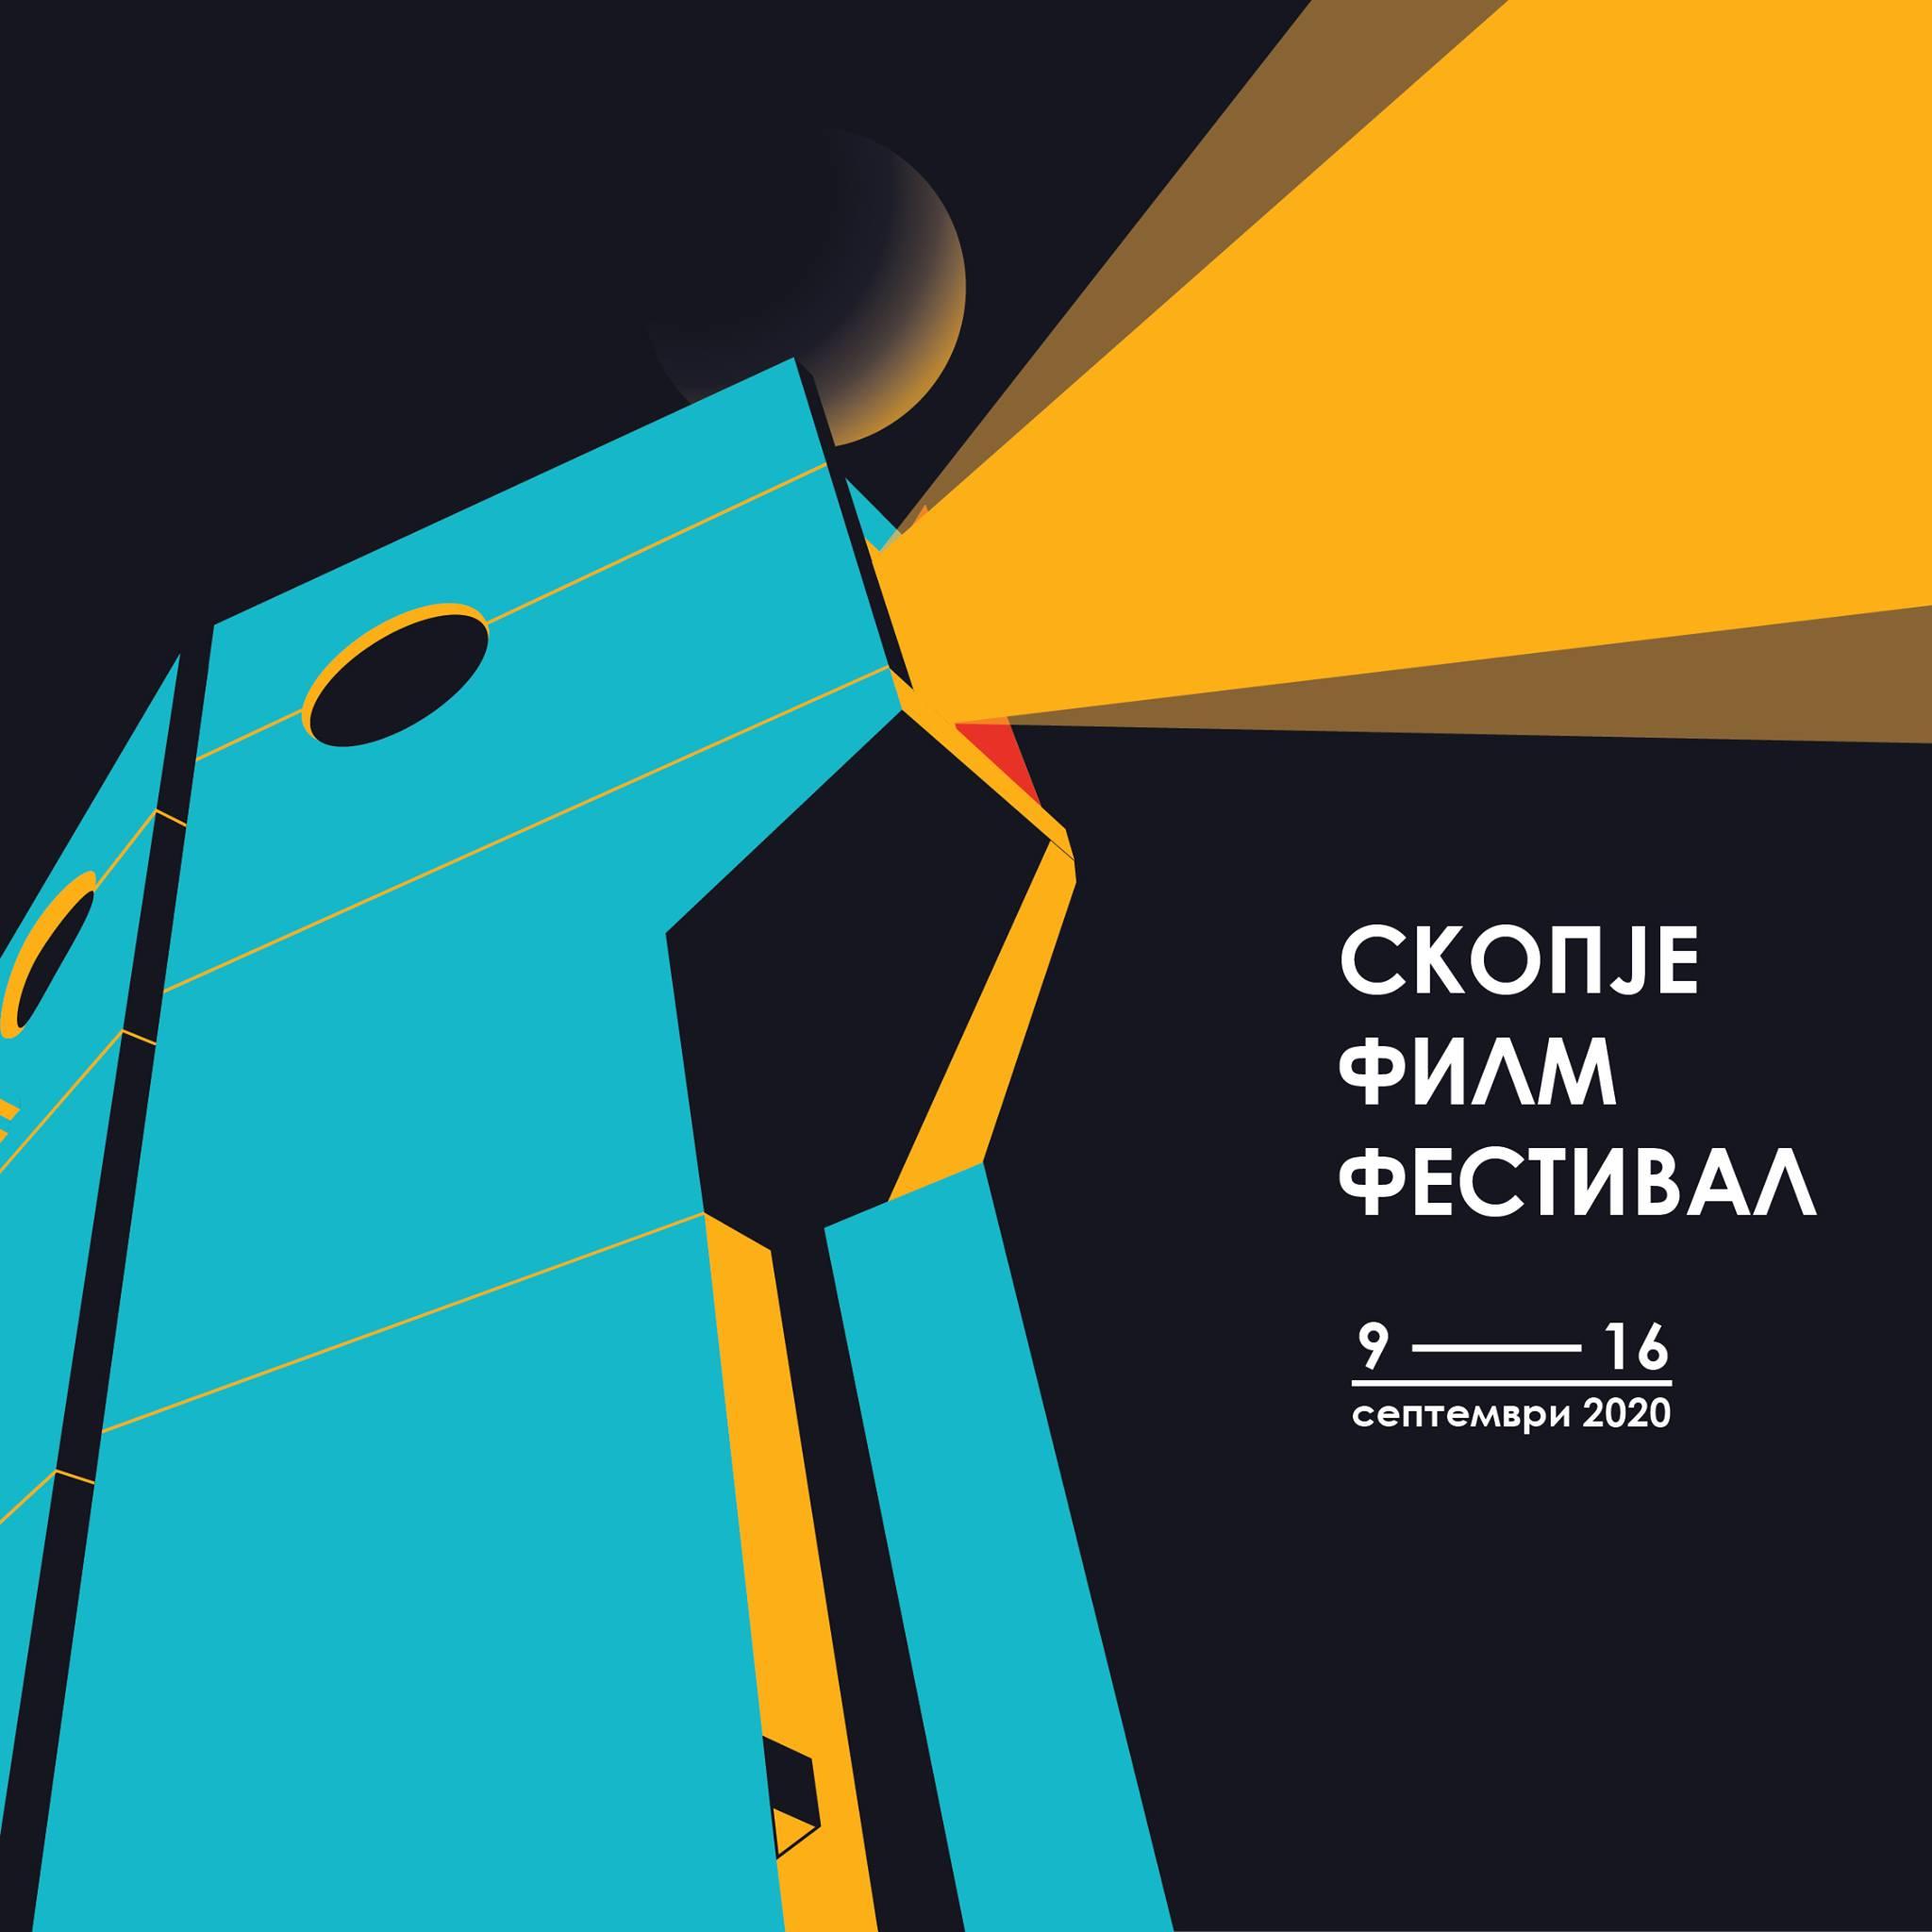 23-то издание на Скопје филм фестивал